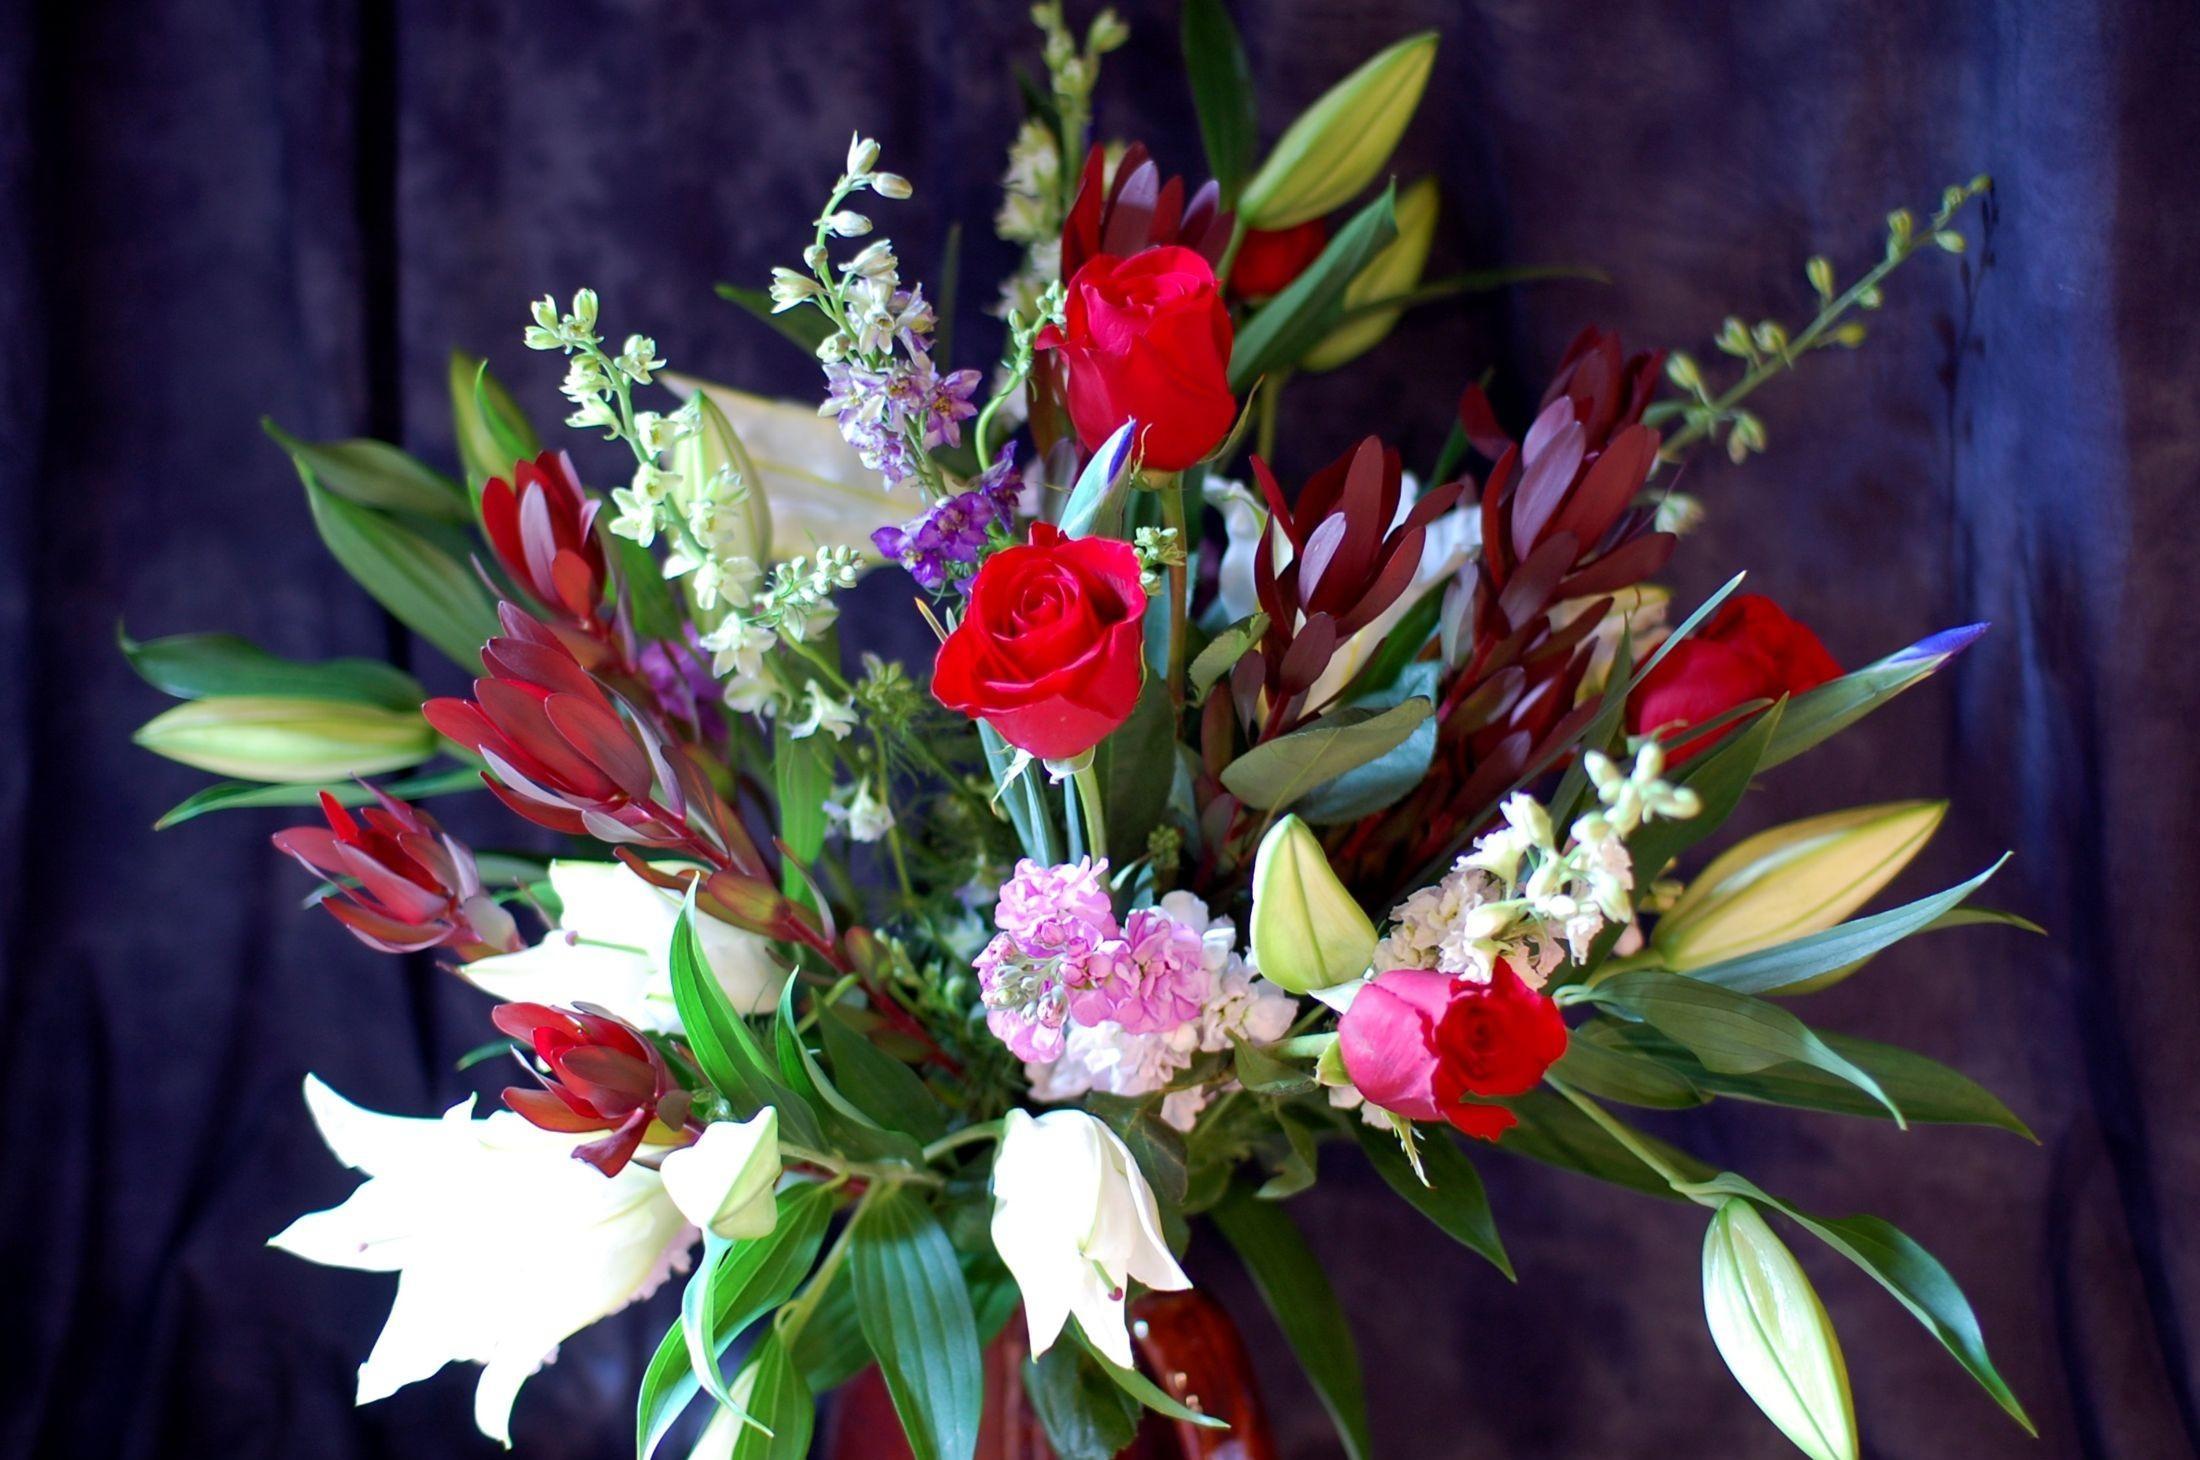 65887 скачать обои Цветы, Лилии, Букет, Композиция, Ваза, Розы - заставки и картинки бесплатно